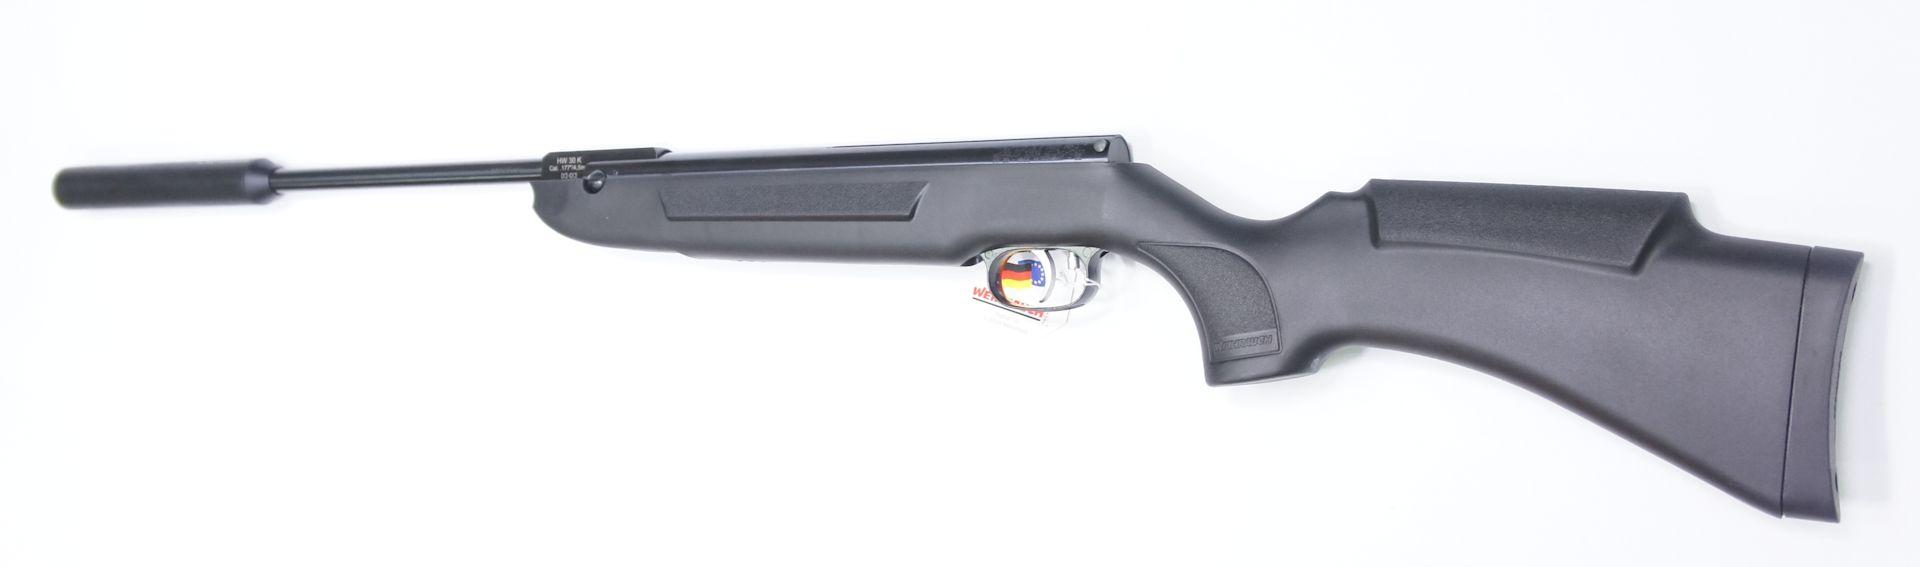 Der Synthetikschaft vom Luftgewehr Weihrauch HW 30 K (S) liegt angenehm in der Hand